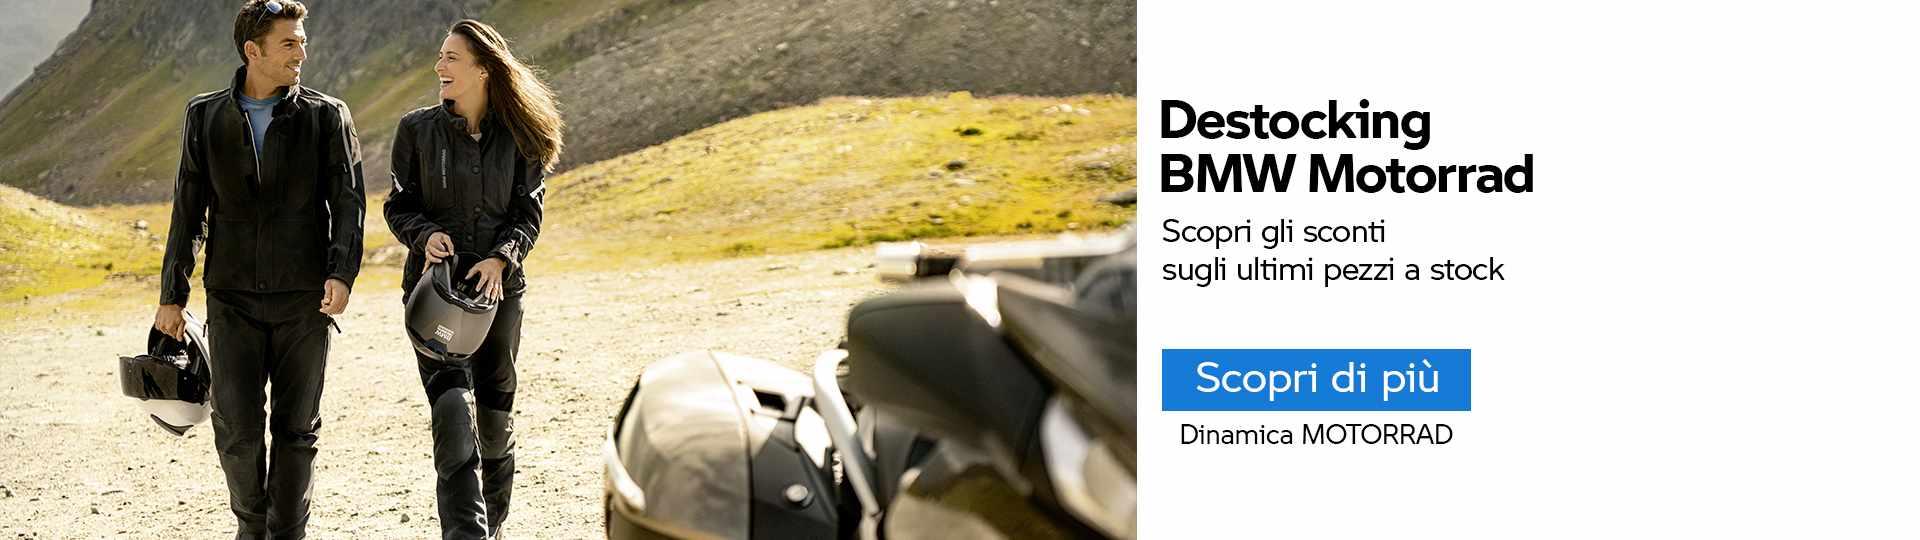 header_BMW S1000R_maggio 2021-Recuperato.jpg